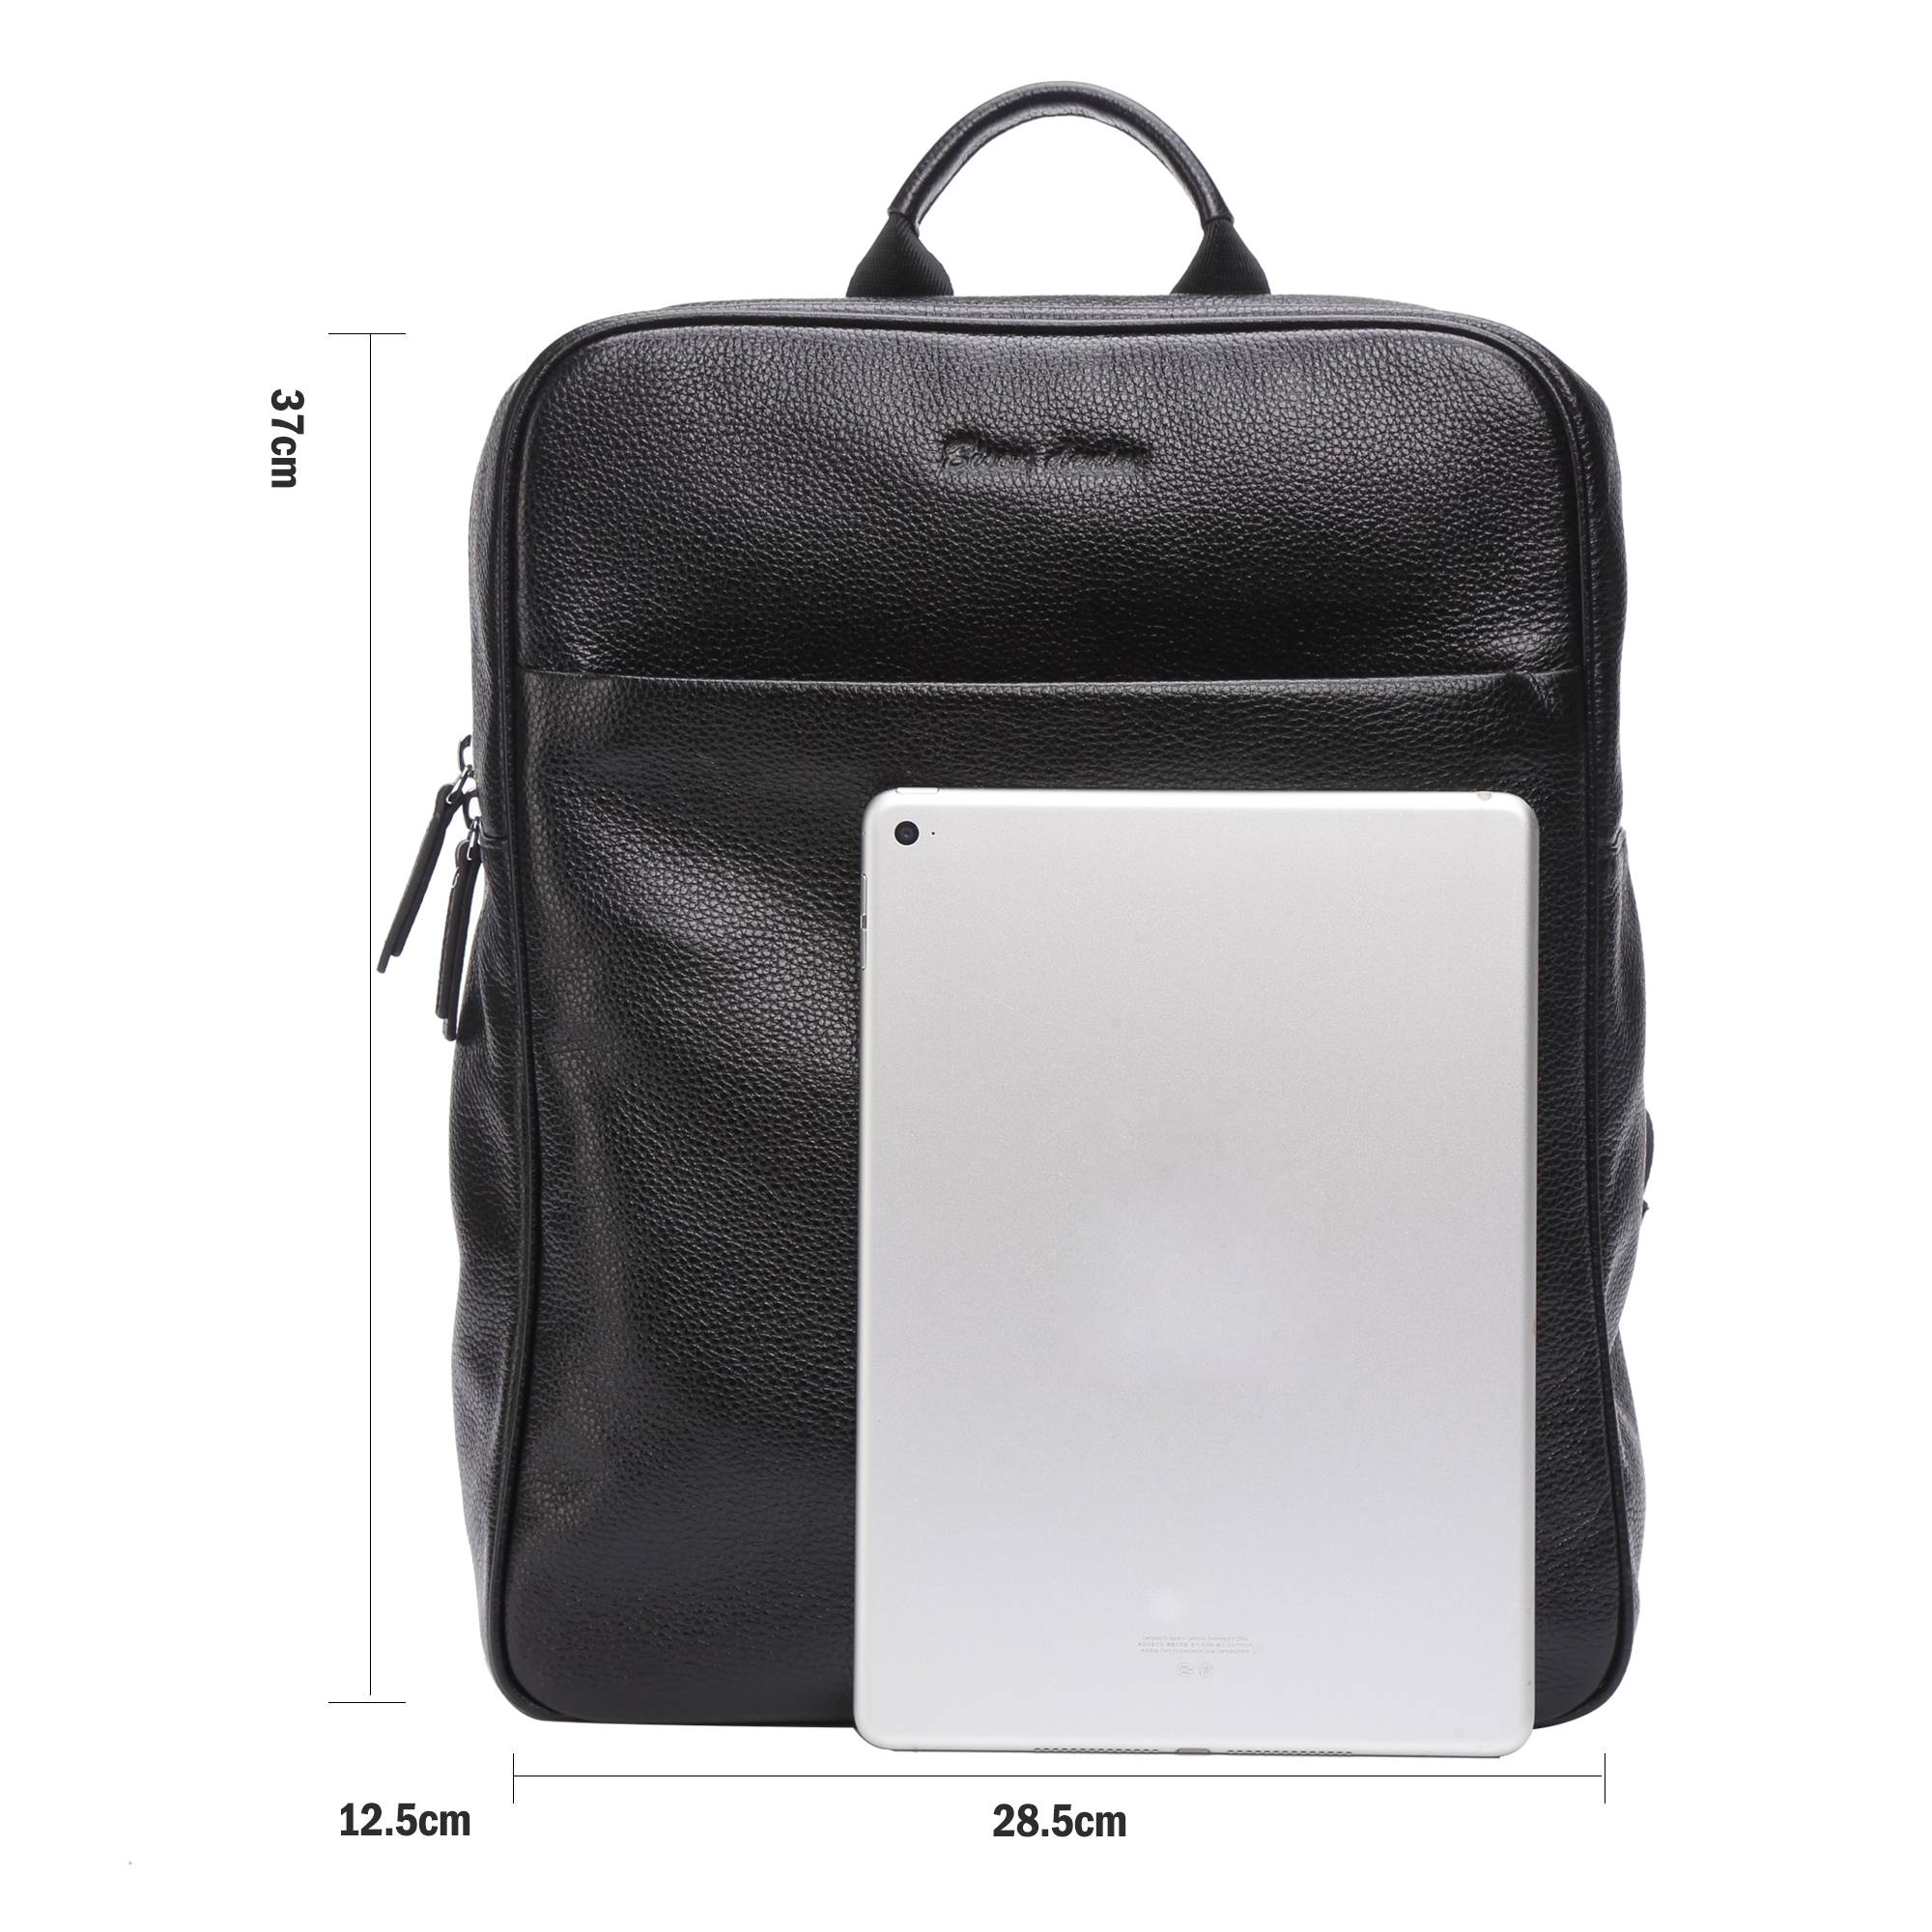 BISON DENIM en cuir véritable sac à dos hommes grande capacité sac de voyage 14 ordinateur portable sac d'école pour adolescent loisirs sac à dos N2659 - 2